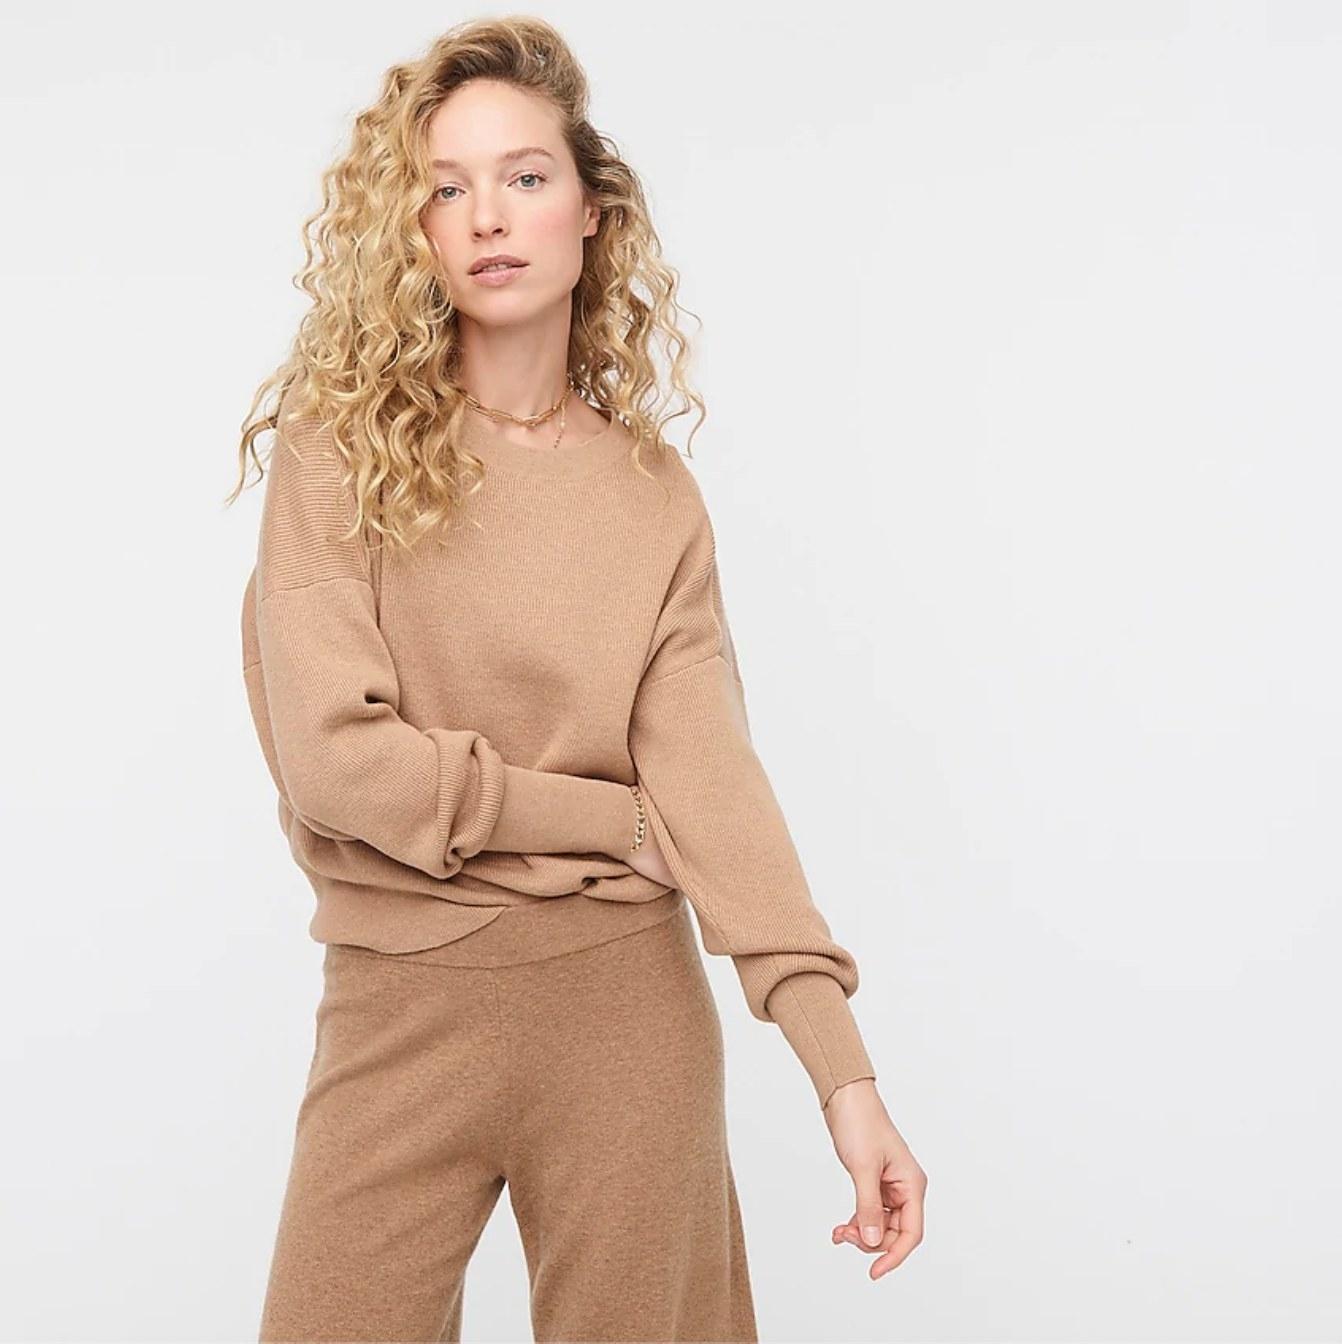 model in the tan sweater